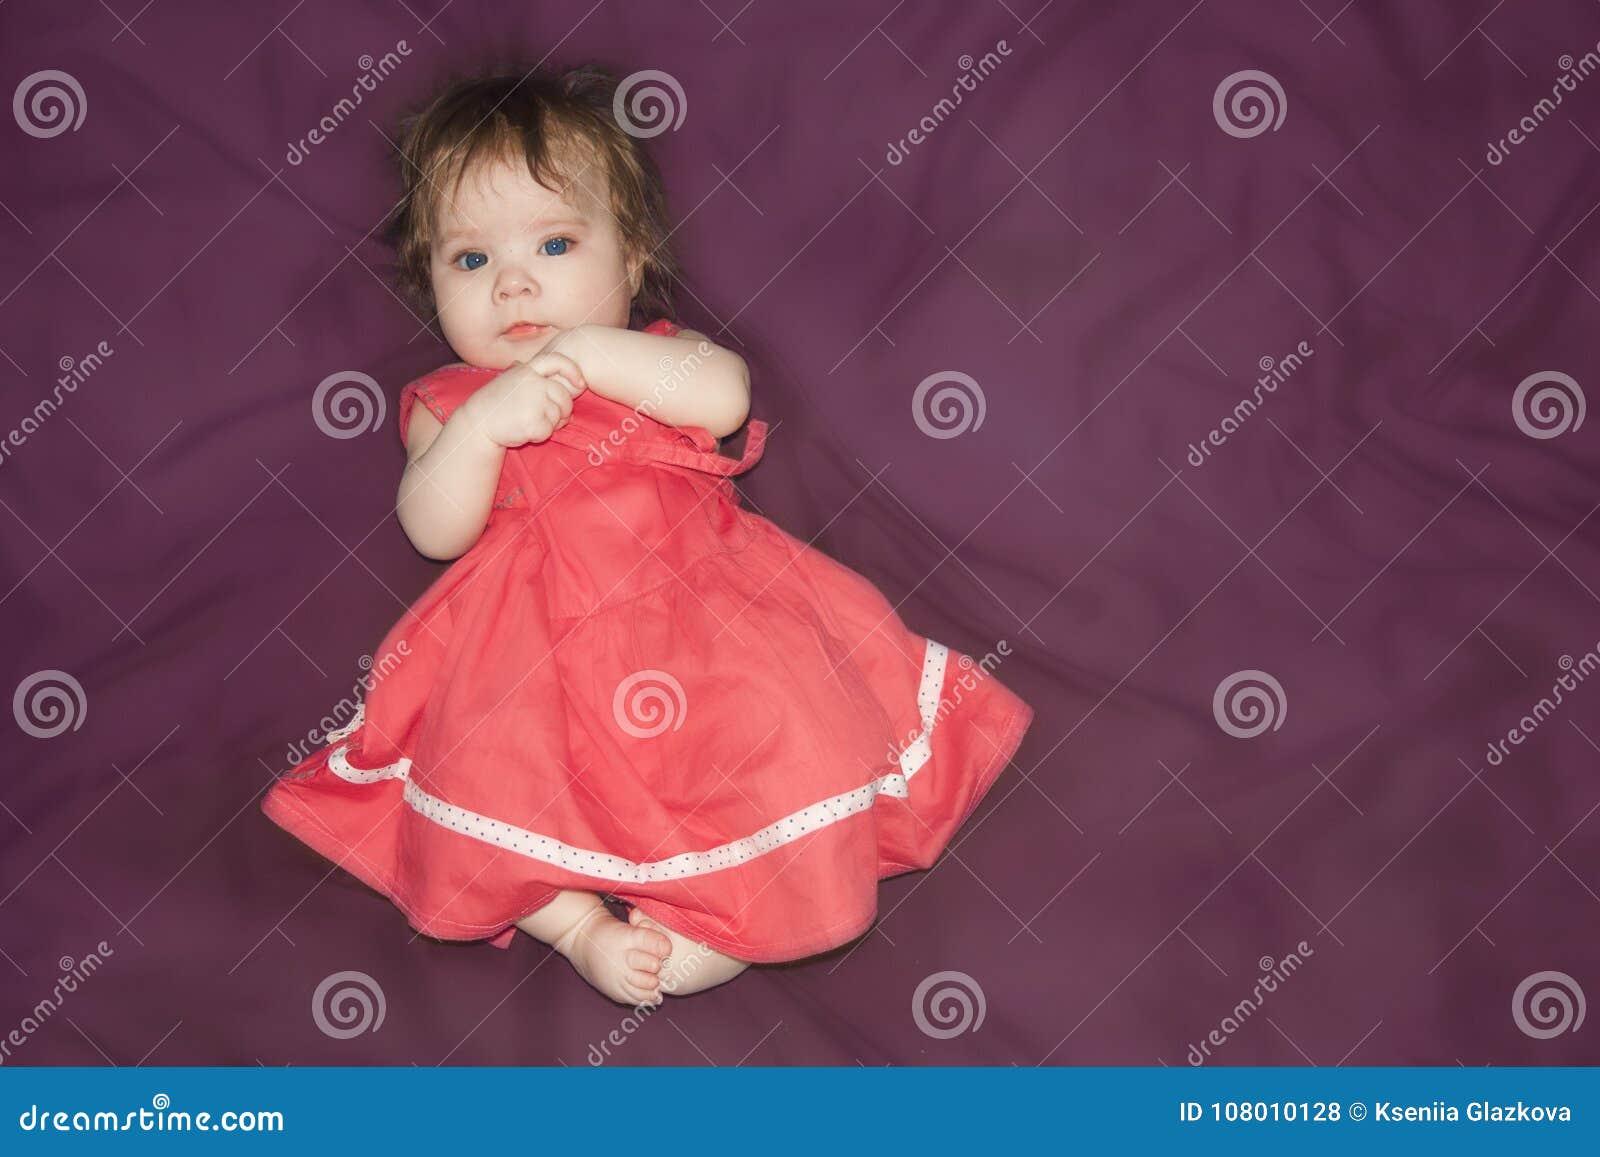 Zicklein Mädchen in einem geschnitzten Kleid auf einem Purpur